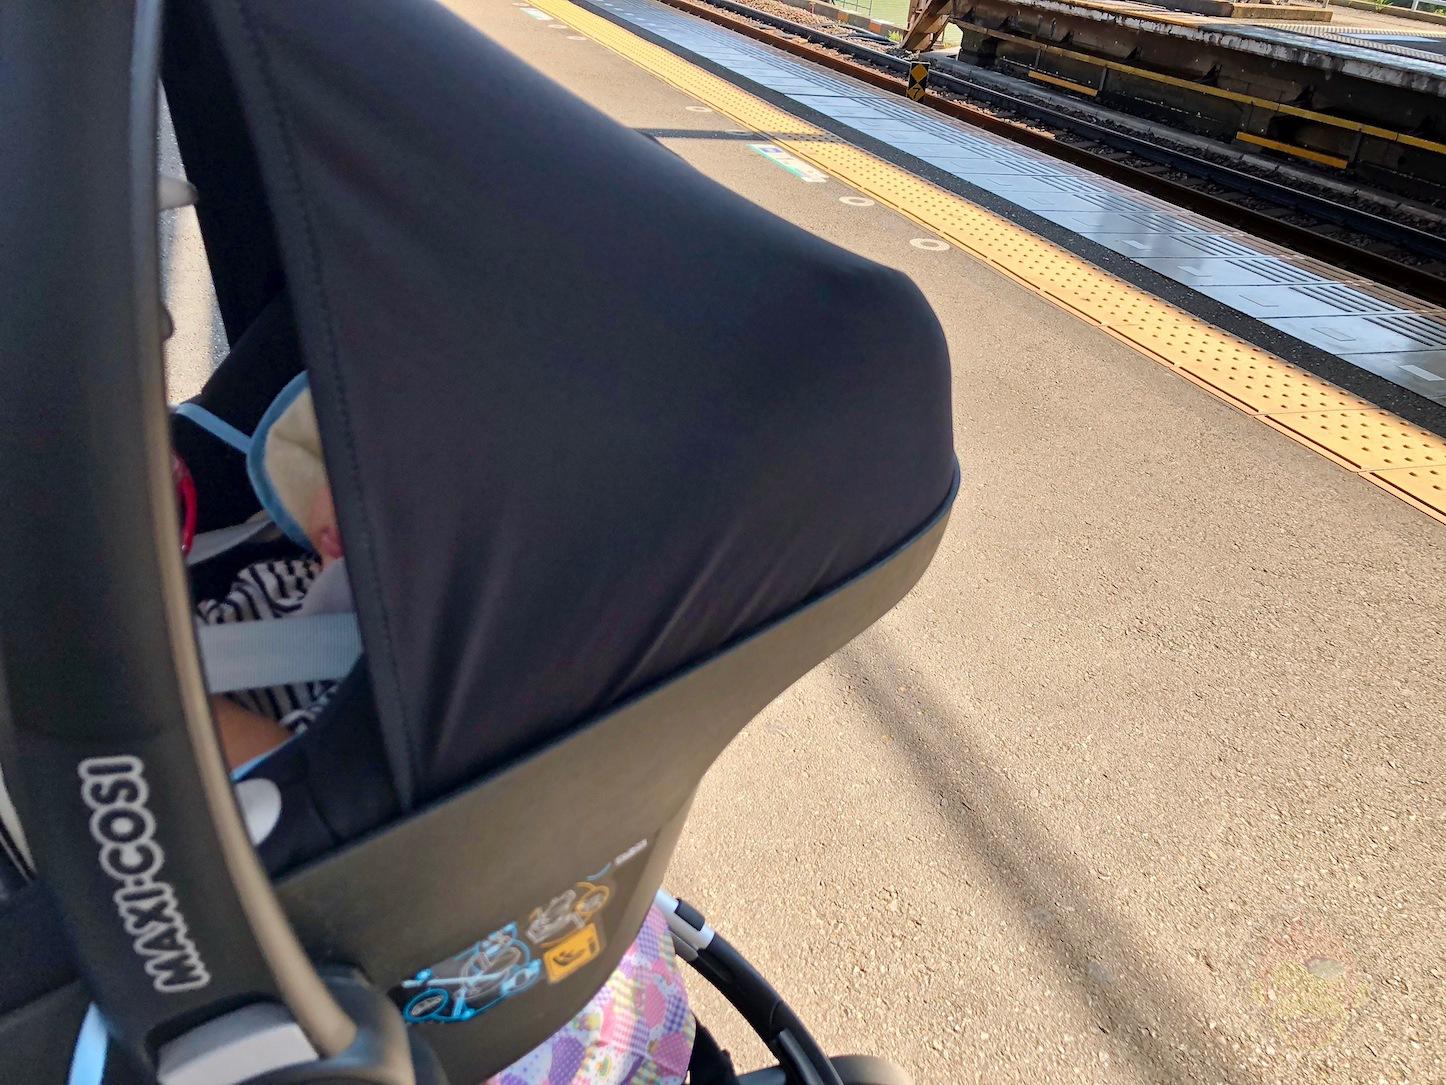 娘と初電車、乗車中は周りへの気配りも重要【パパミーへの道】